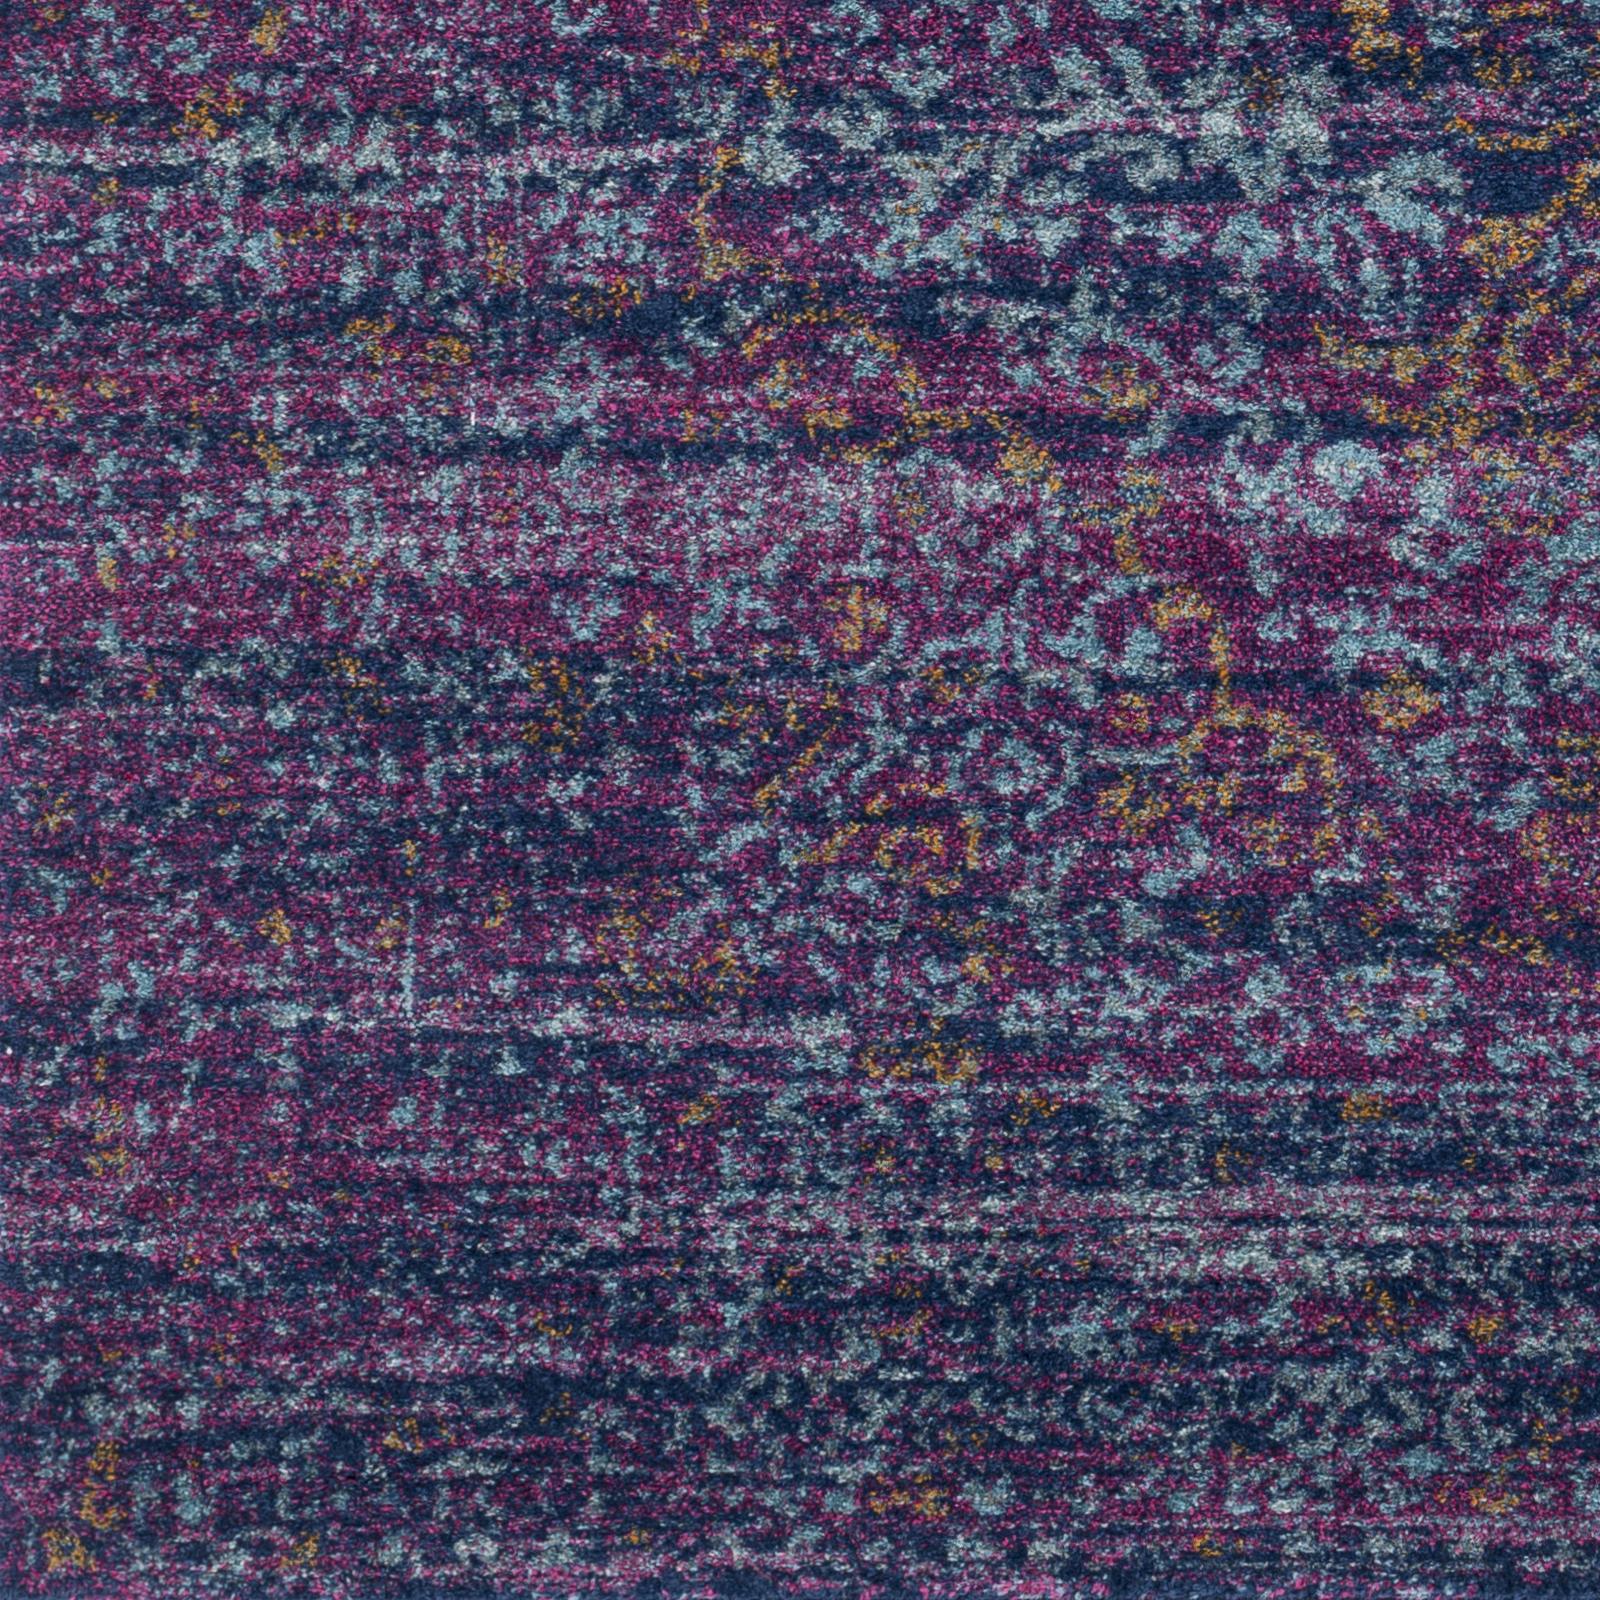 Harput 2' x 3' Area Rug